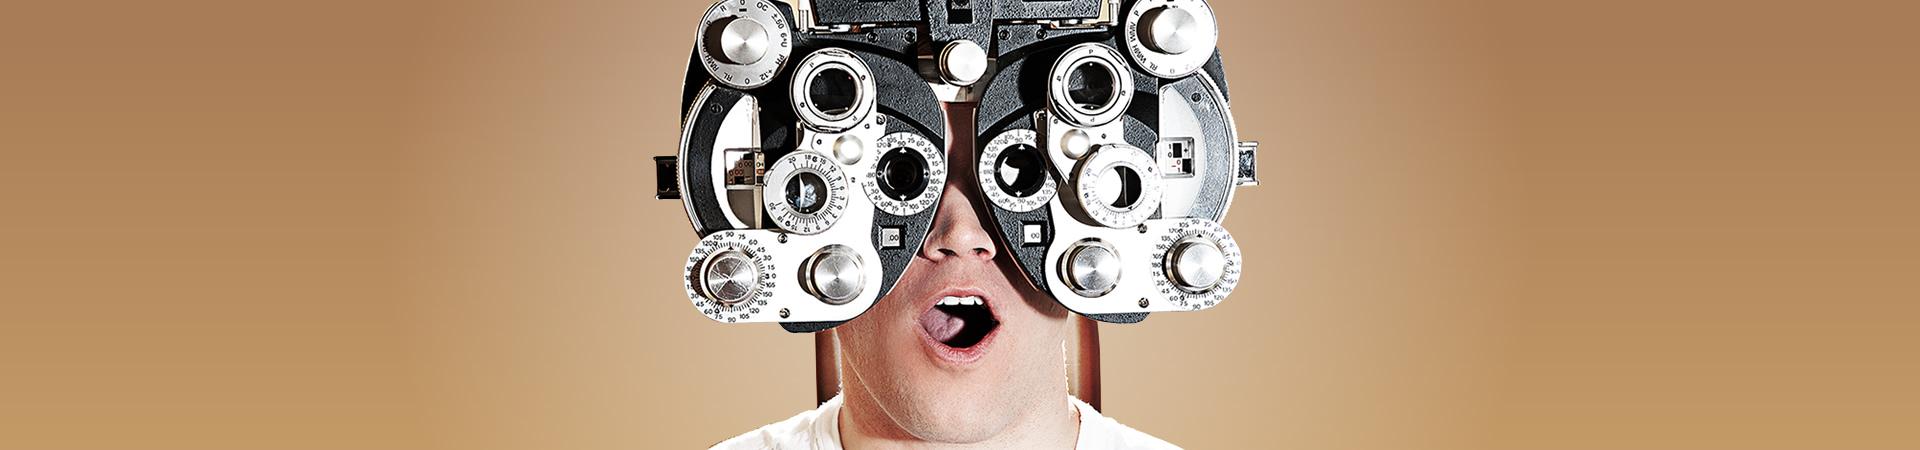 Peripheral Vision Testing Valleytown Eye Care